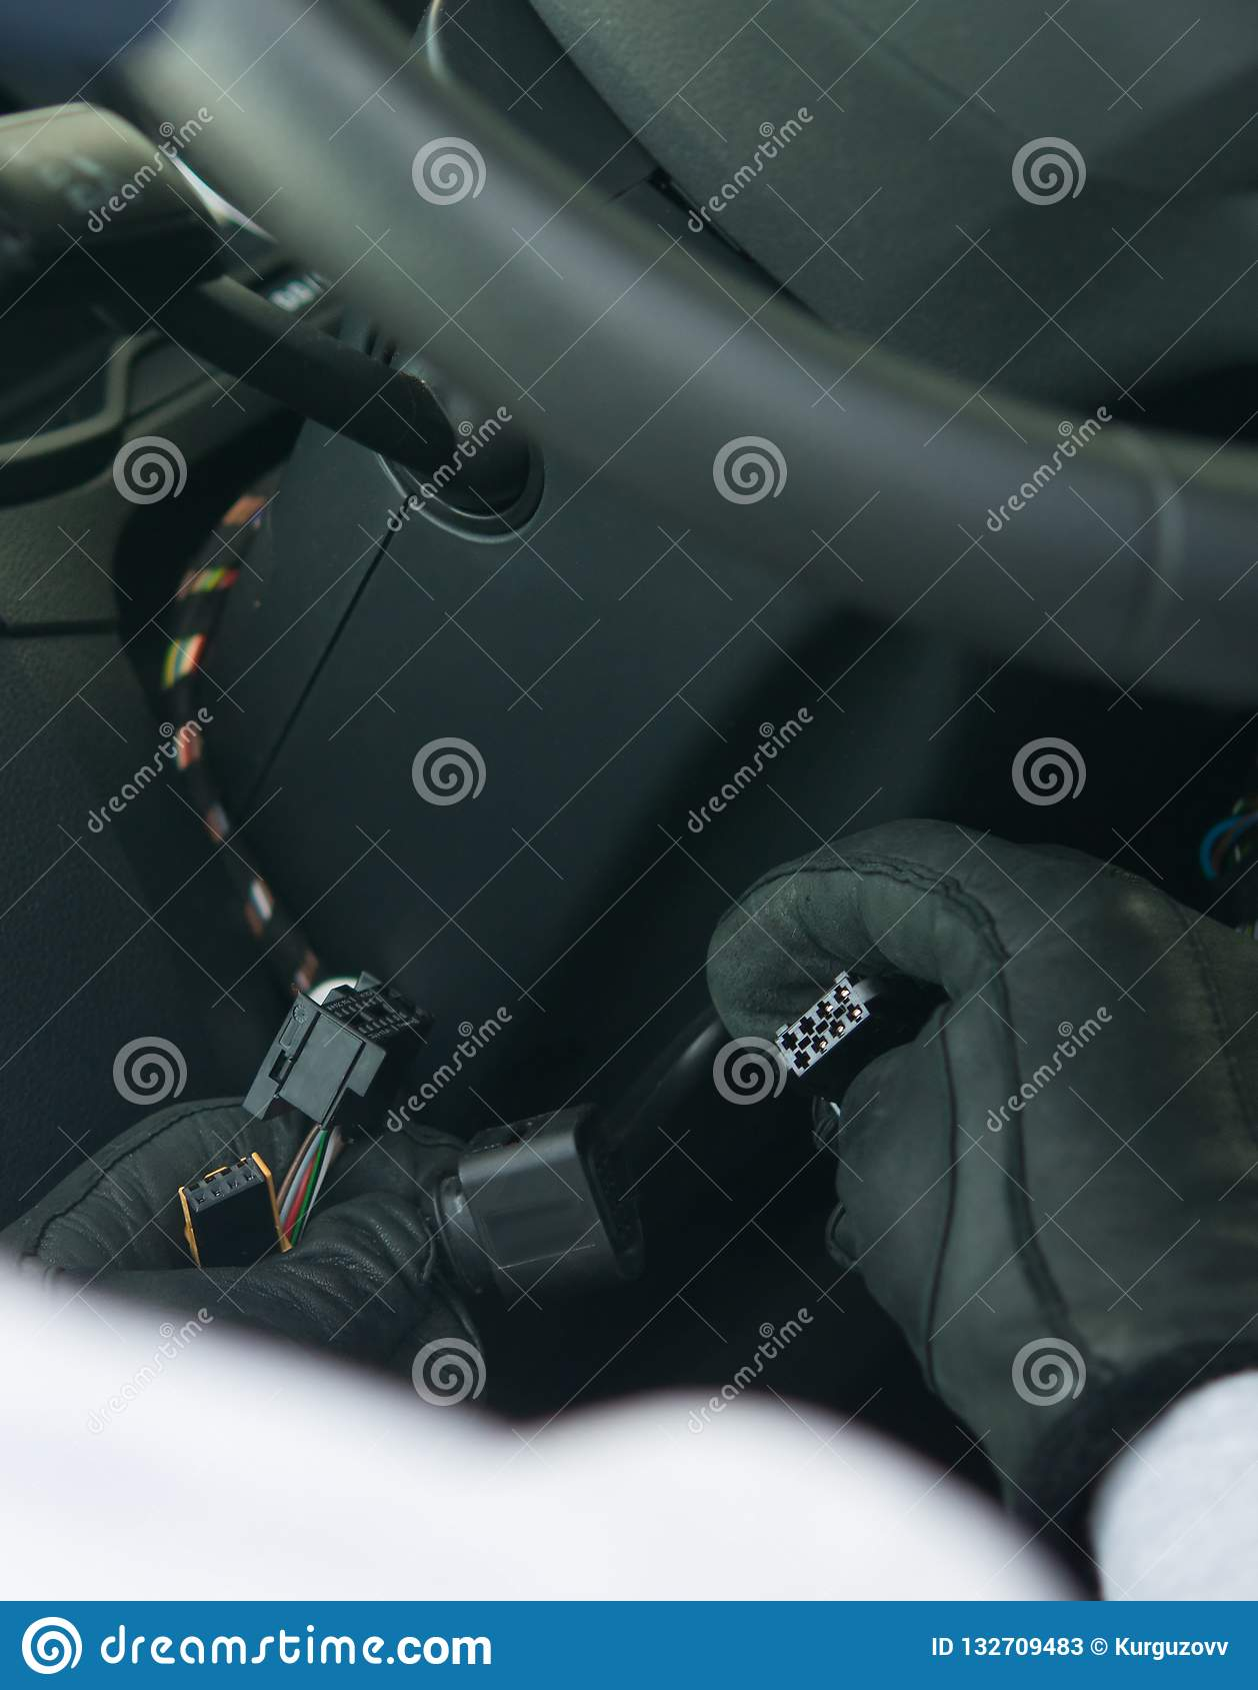 Ofensa, hurto del propiedad-coche privado, primer, ladrón